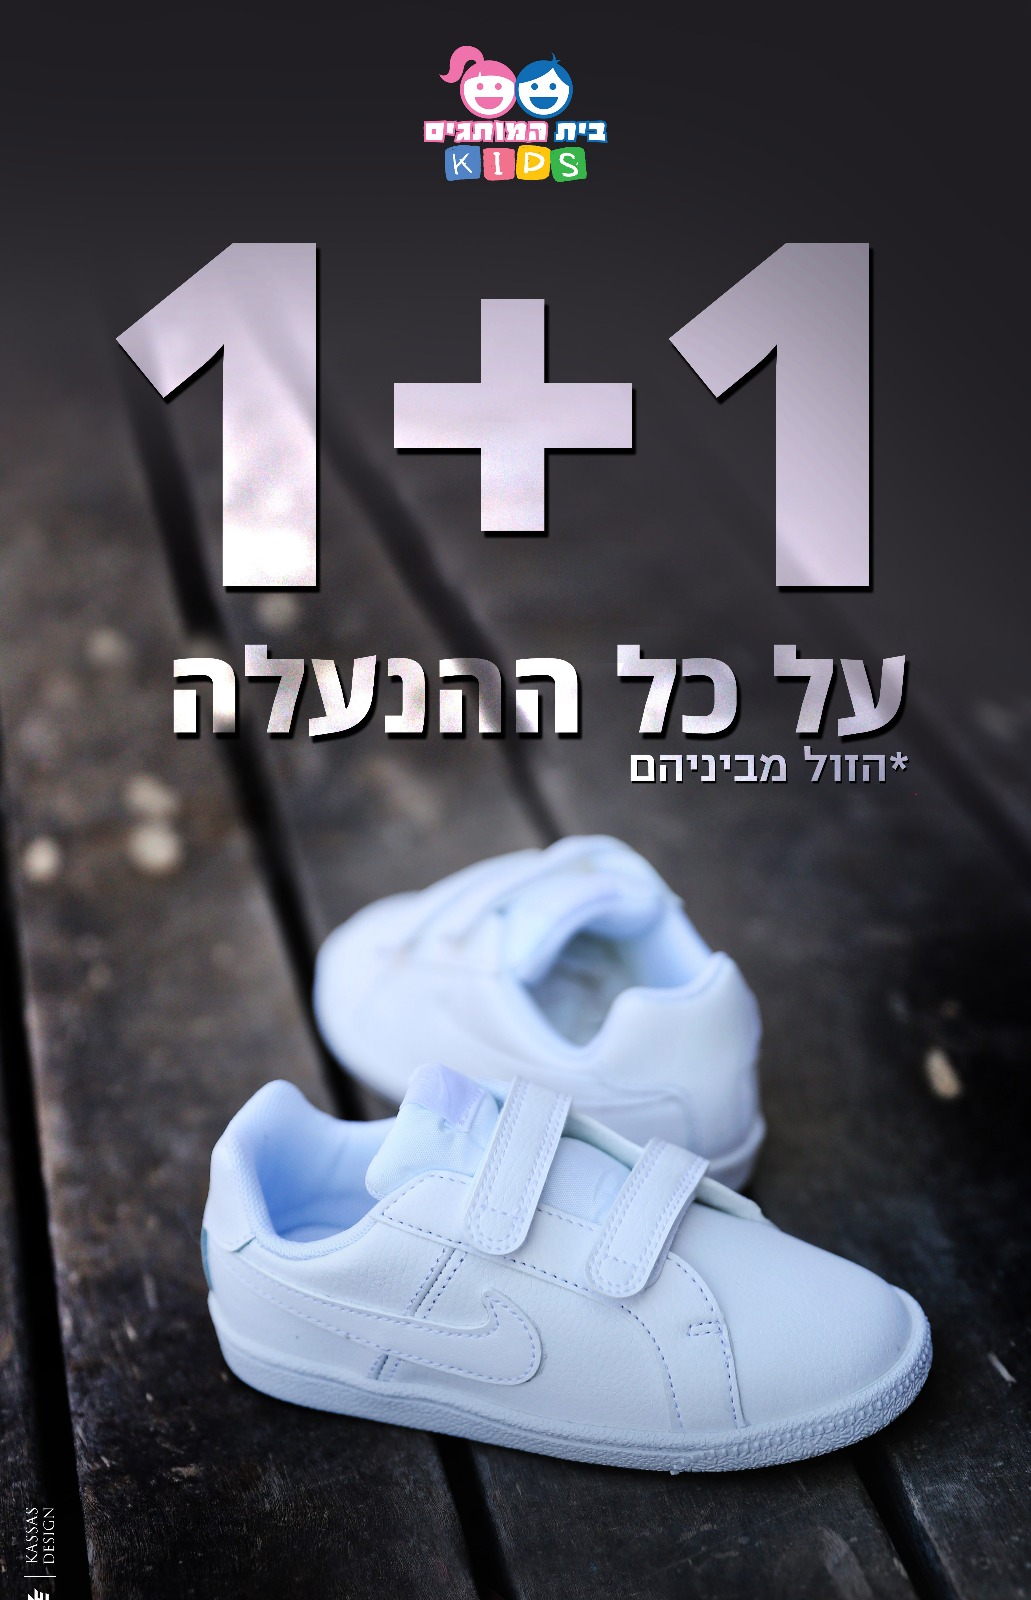 حملة (1+1) على الملابس والاحذية في بوتيك بيت هموتجيم KIDS بيافا